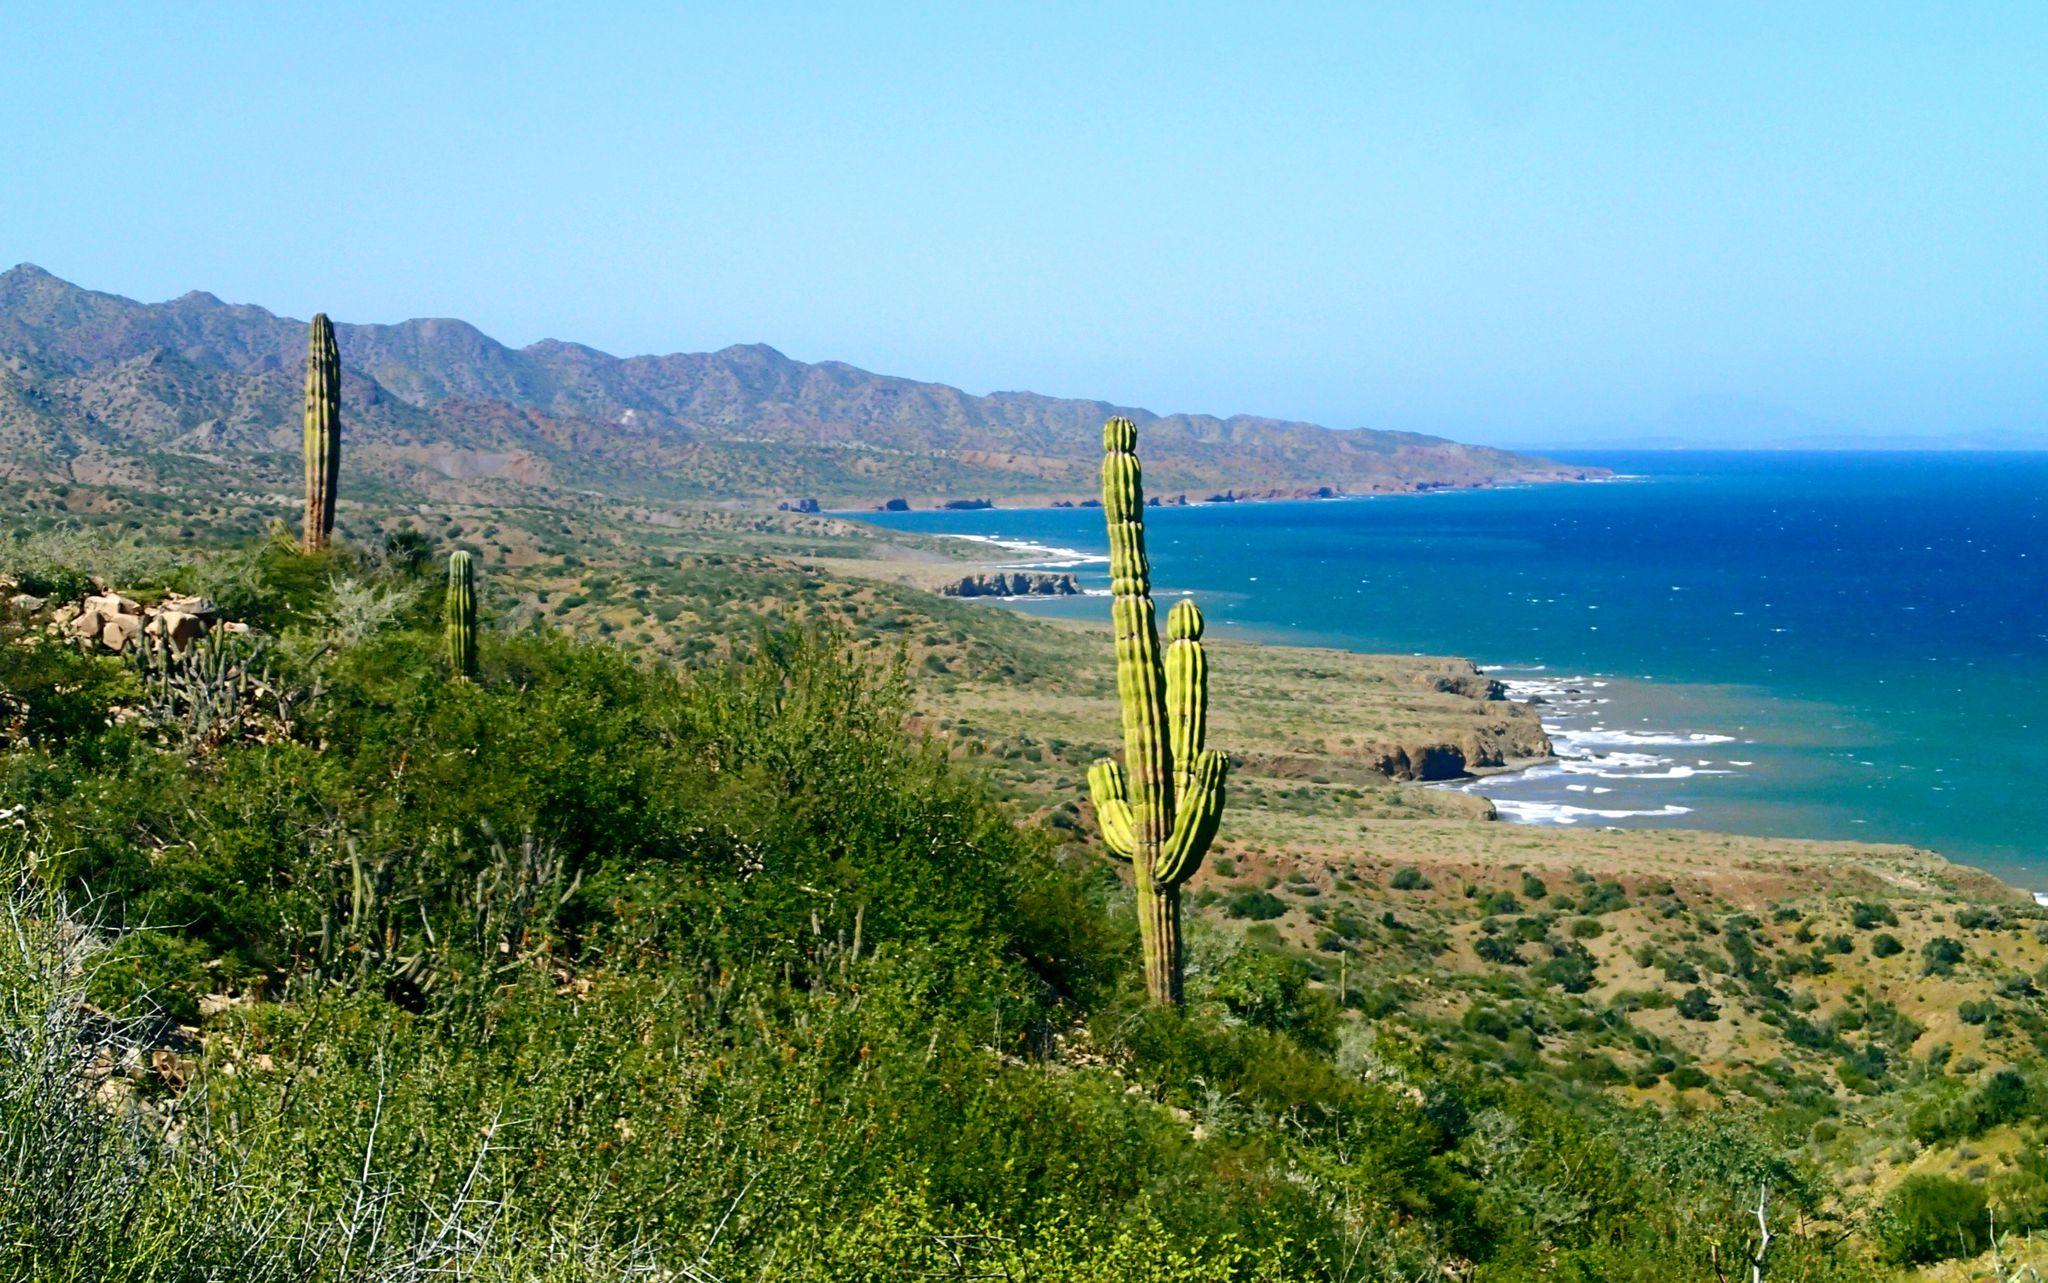 NOLS Fall Semester in Baja